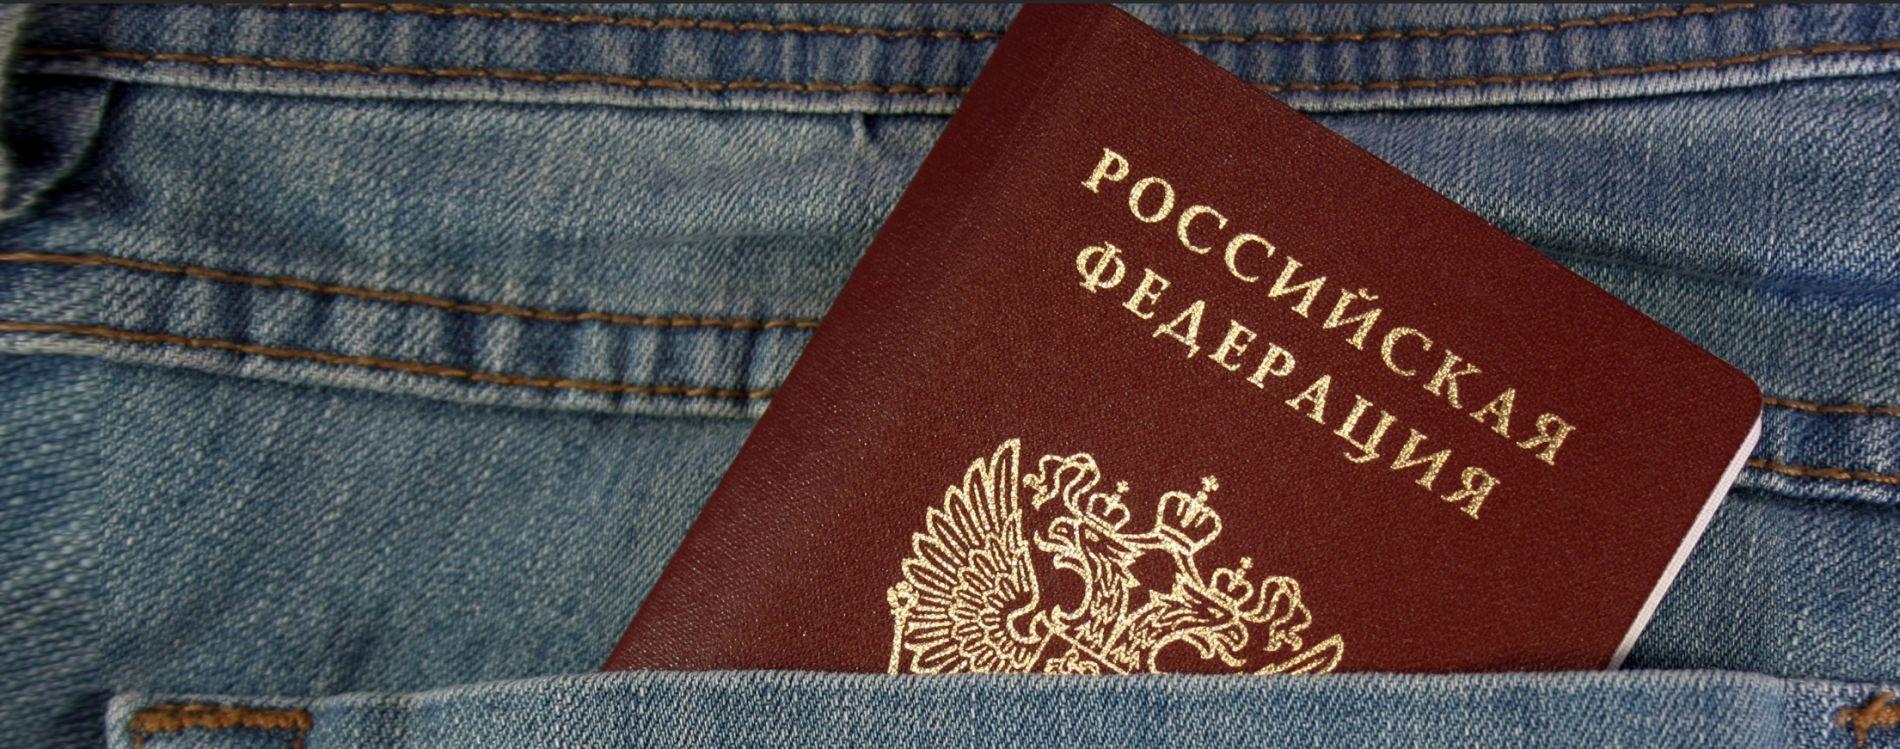 Рефинансирование по паспорту